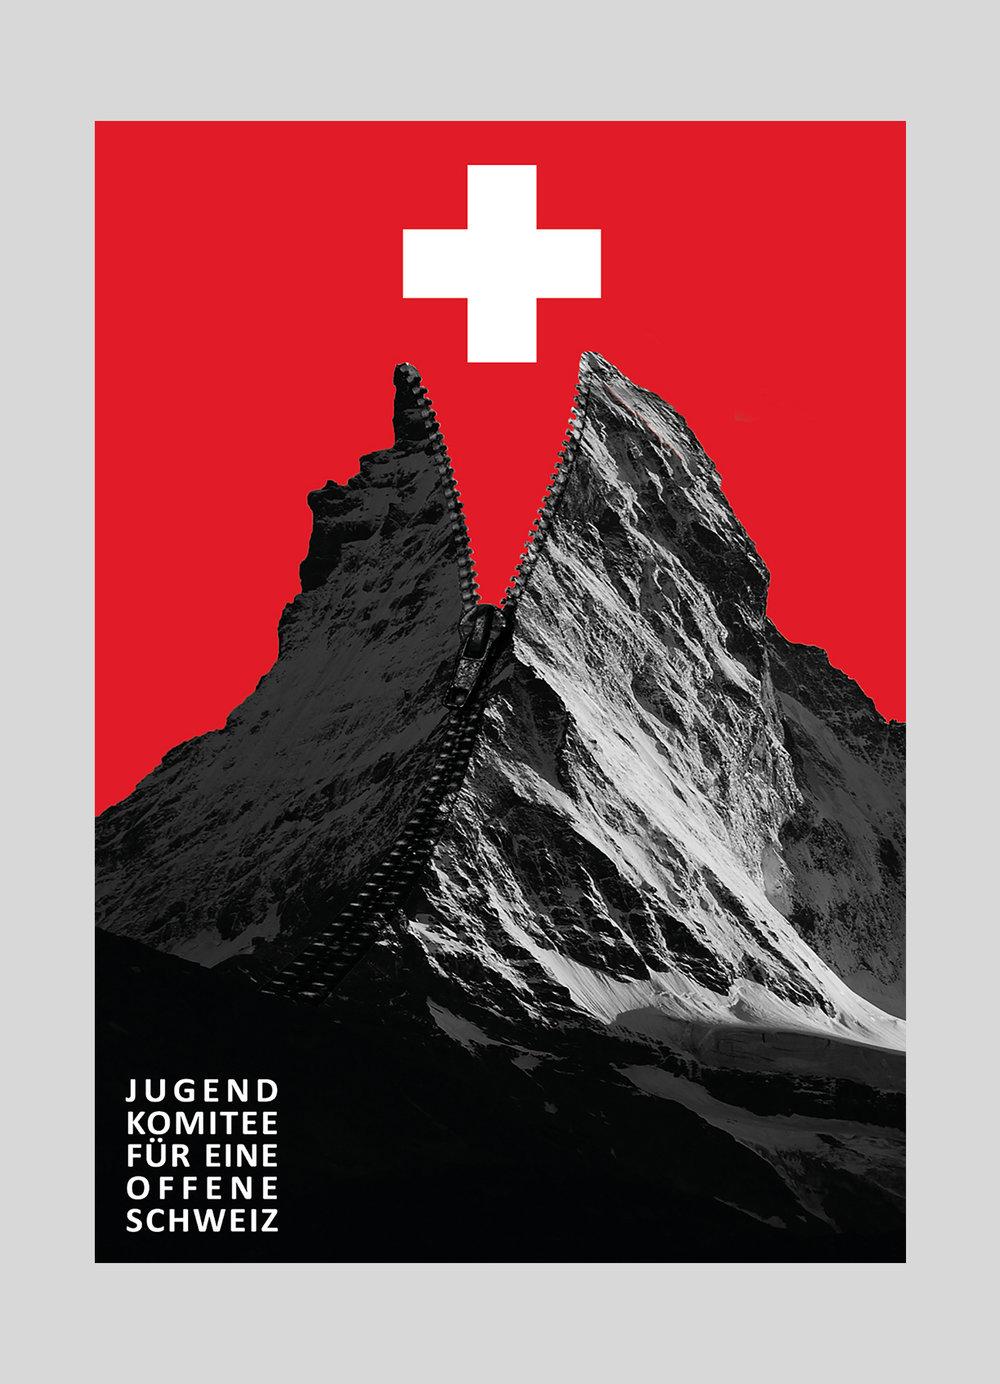 Jugendkomitee – Für eine offene Schweiz | 2015   Komitee, welches die Schweiz als Teil von Europa versteht.